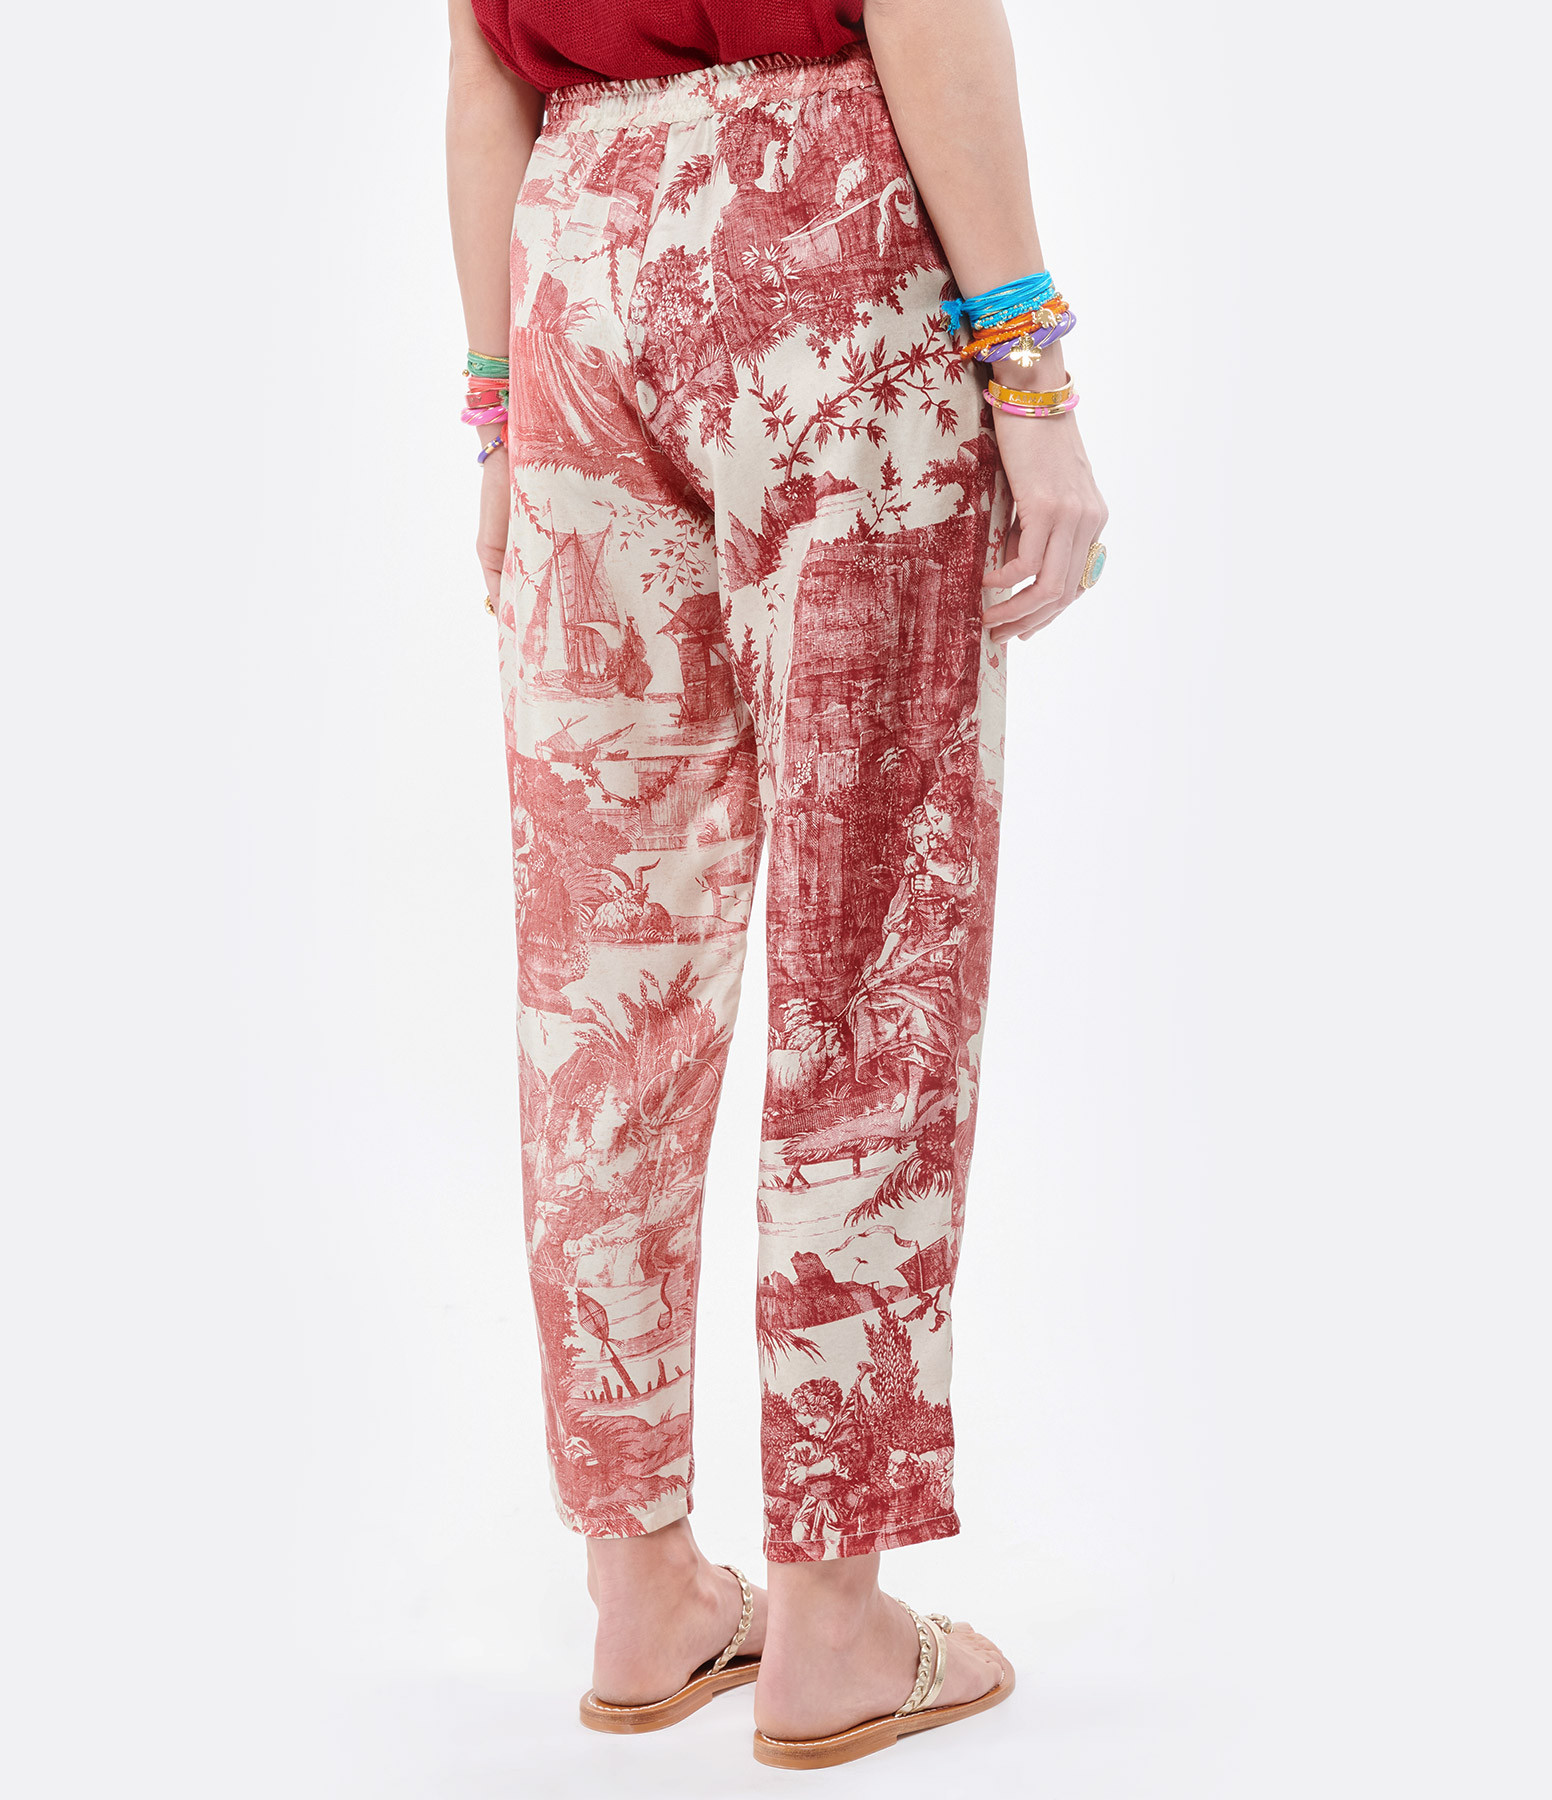 PIERRE-LOUIS MASCIA - Pantalon Aloe Soie Imprimé Blanc Rose